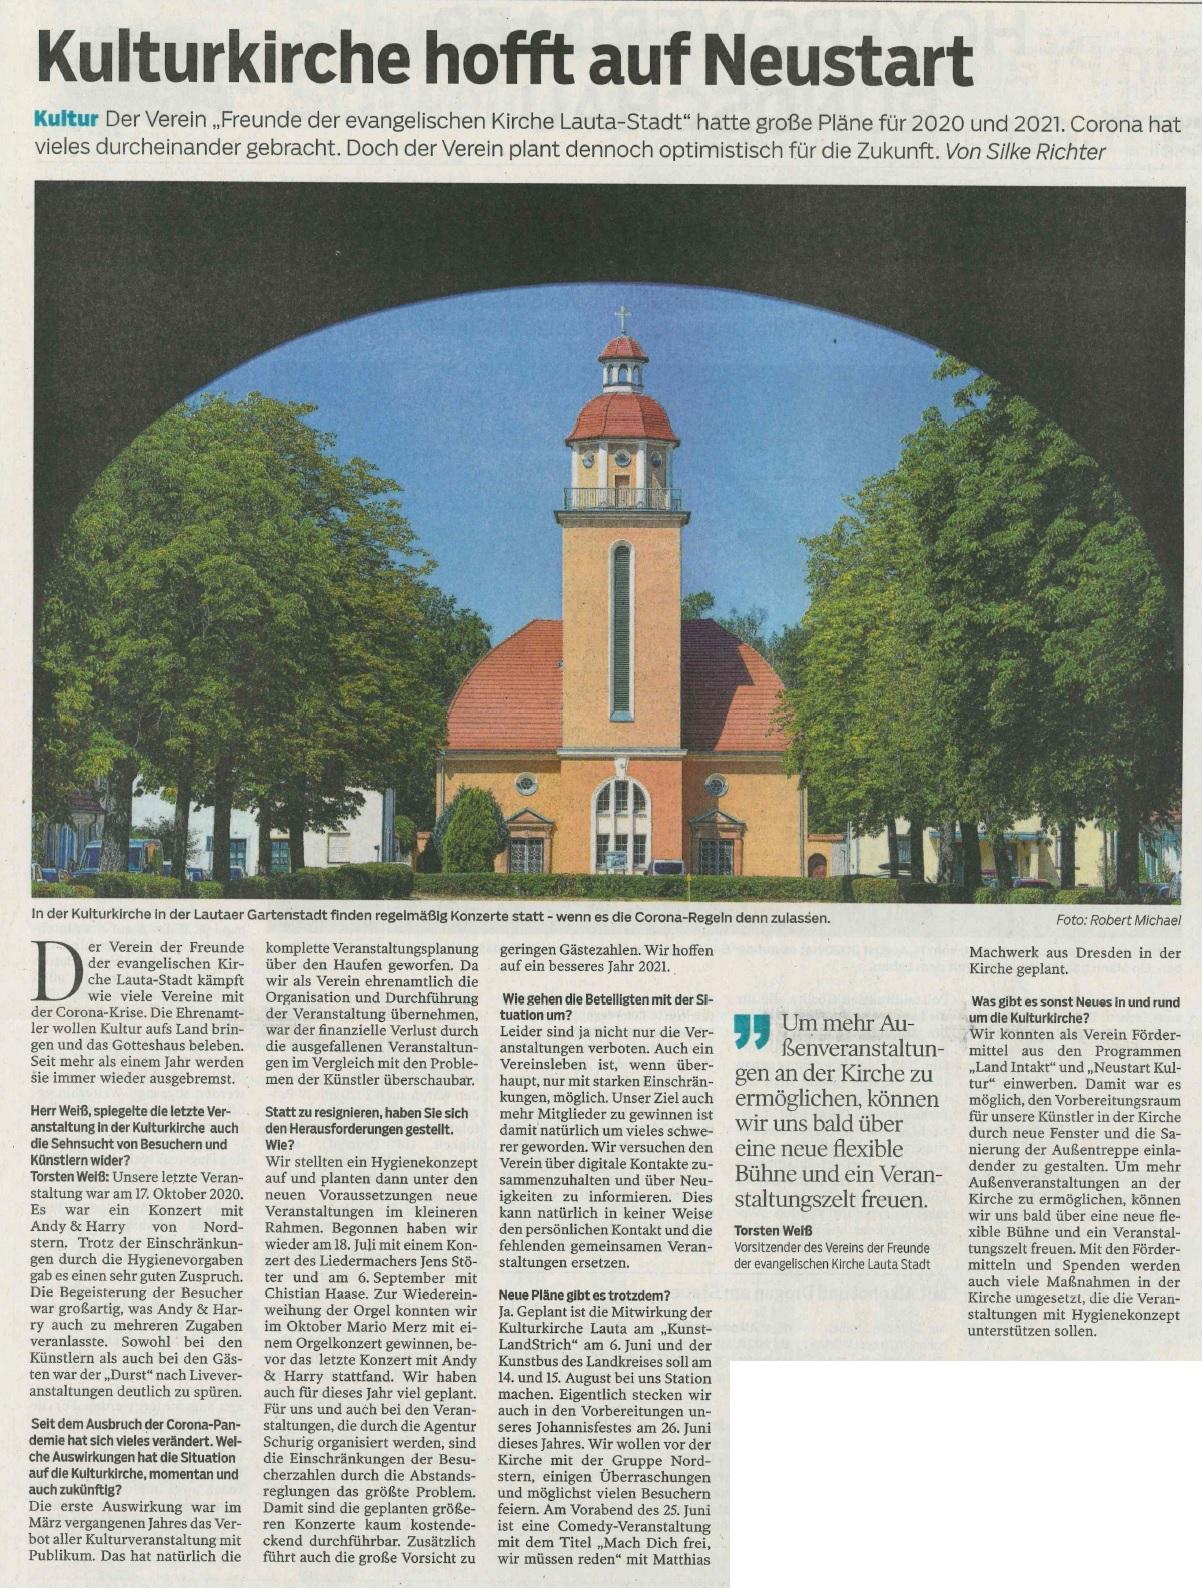 Kulturkirche hofft auf Neustart